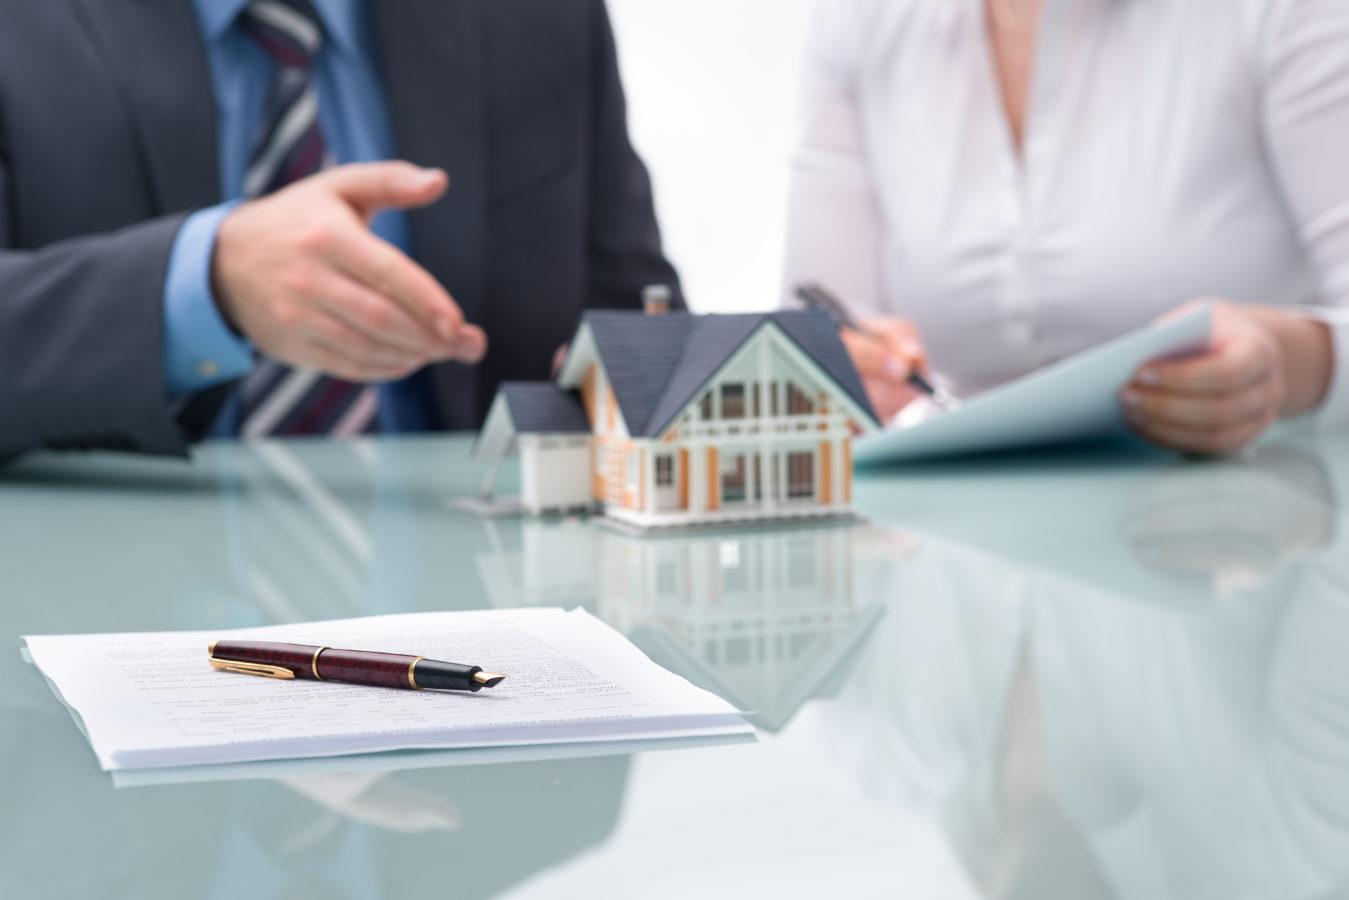 Financement hypothécaire: La FINMA reconnaît de nouveaux standards minimaux